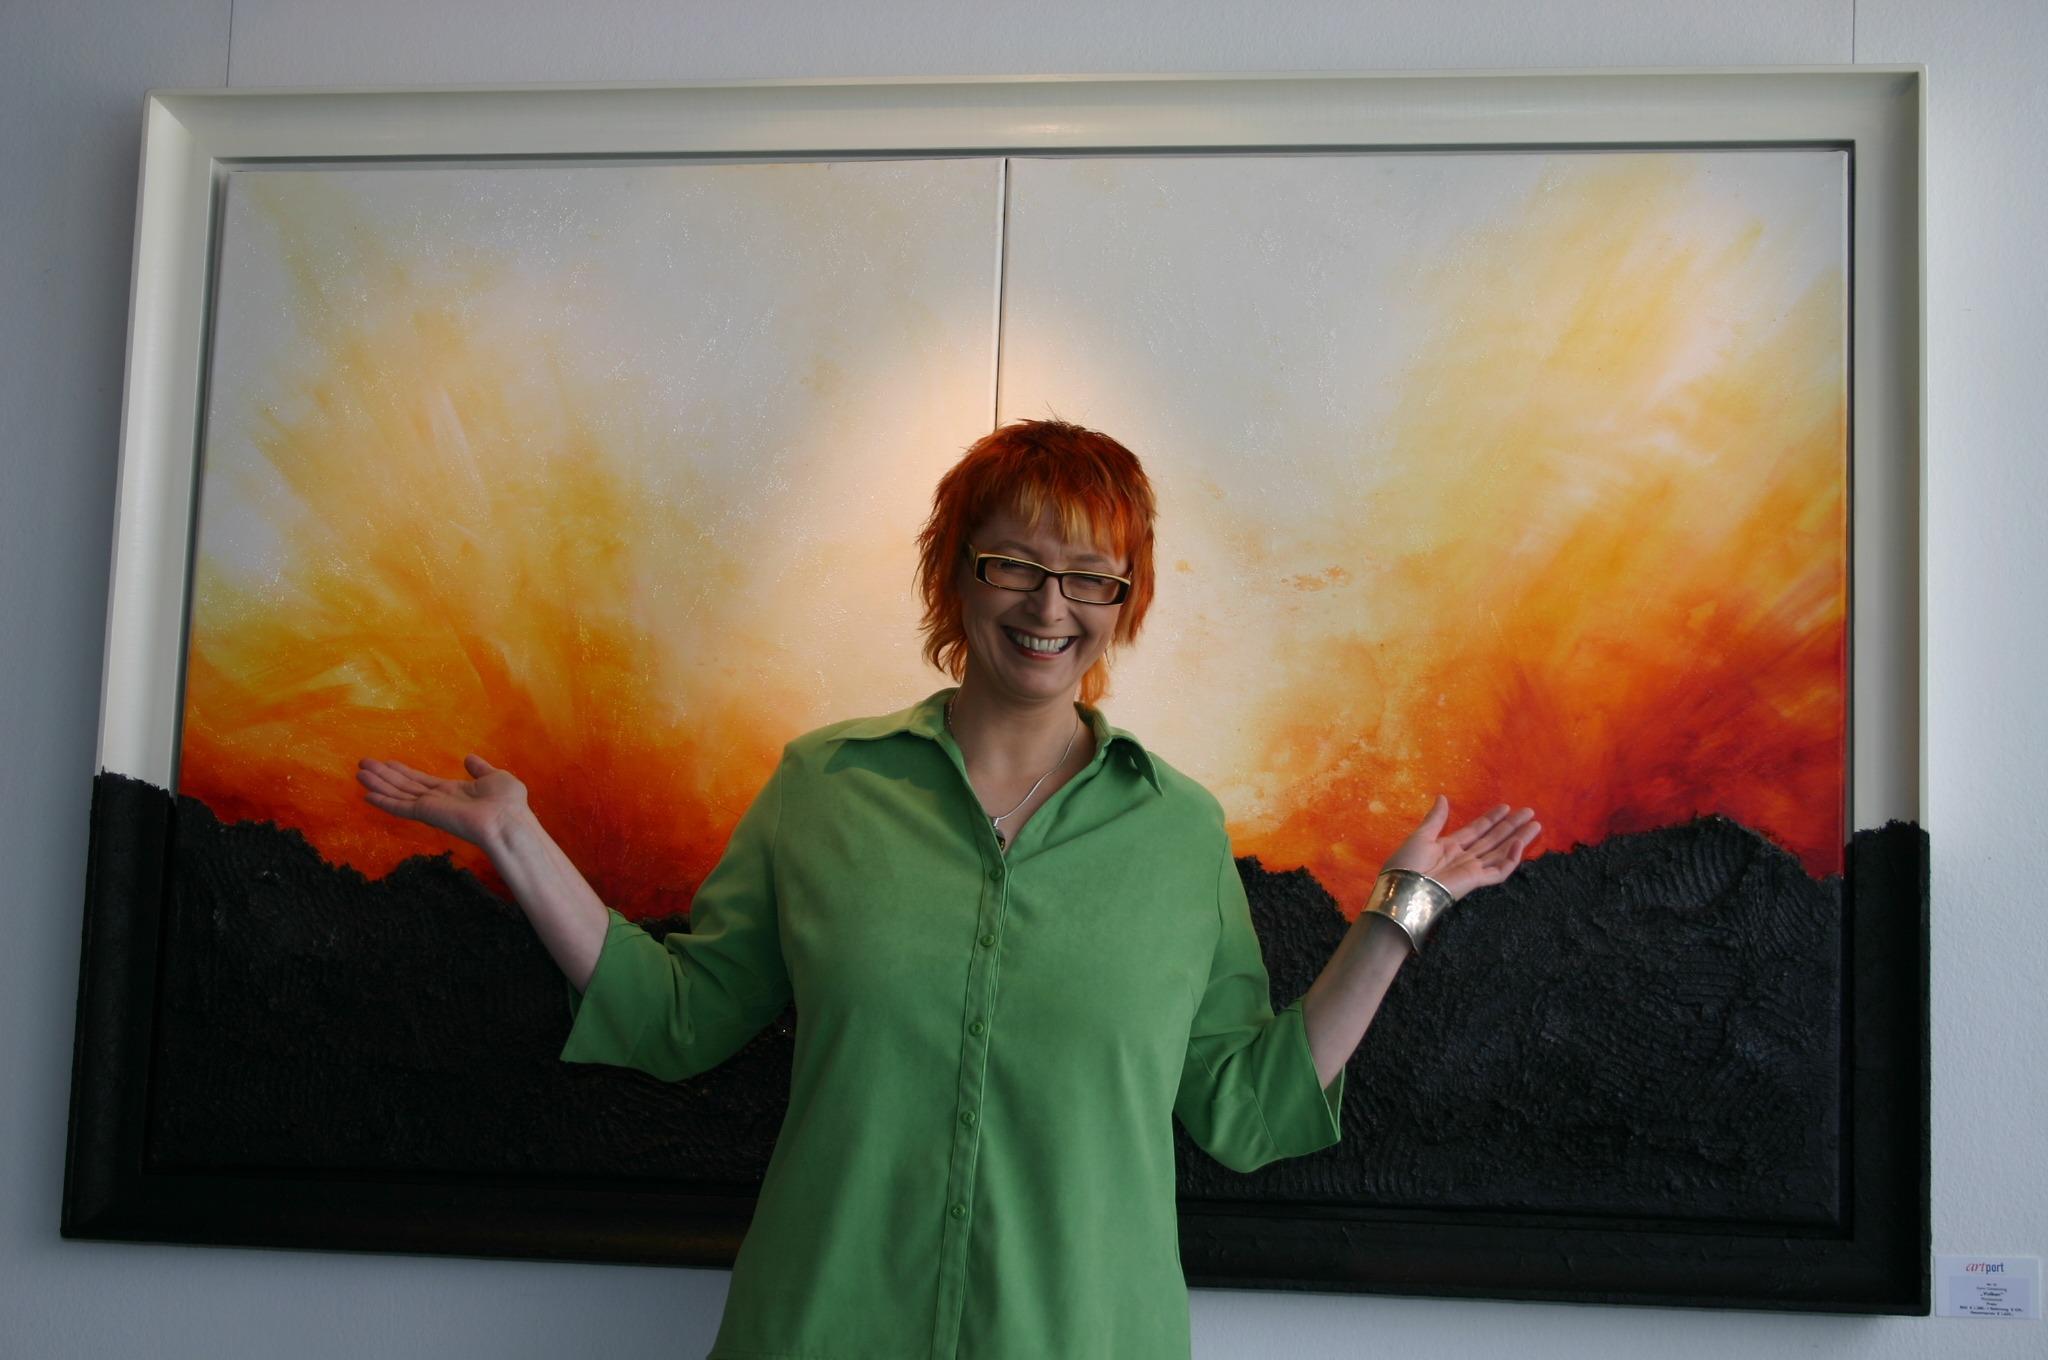 Karin Ganatschnig, Künstlerin: ... ich lebe für die Kunst